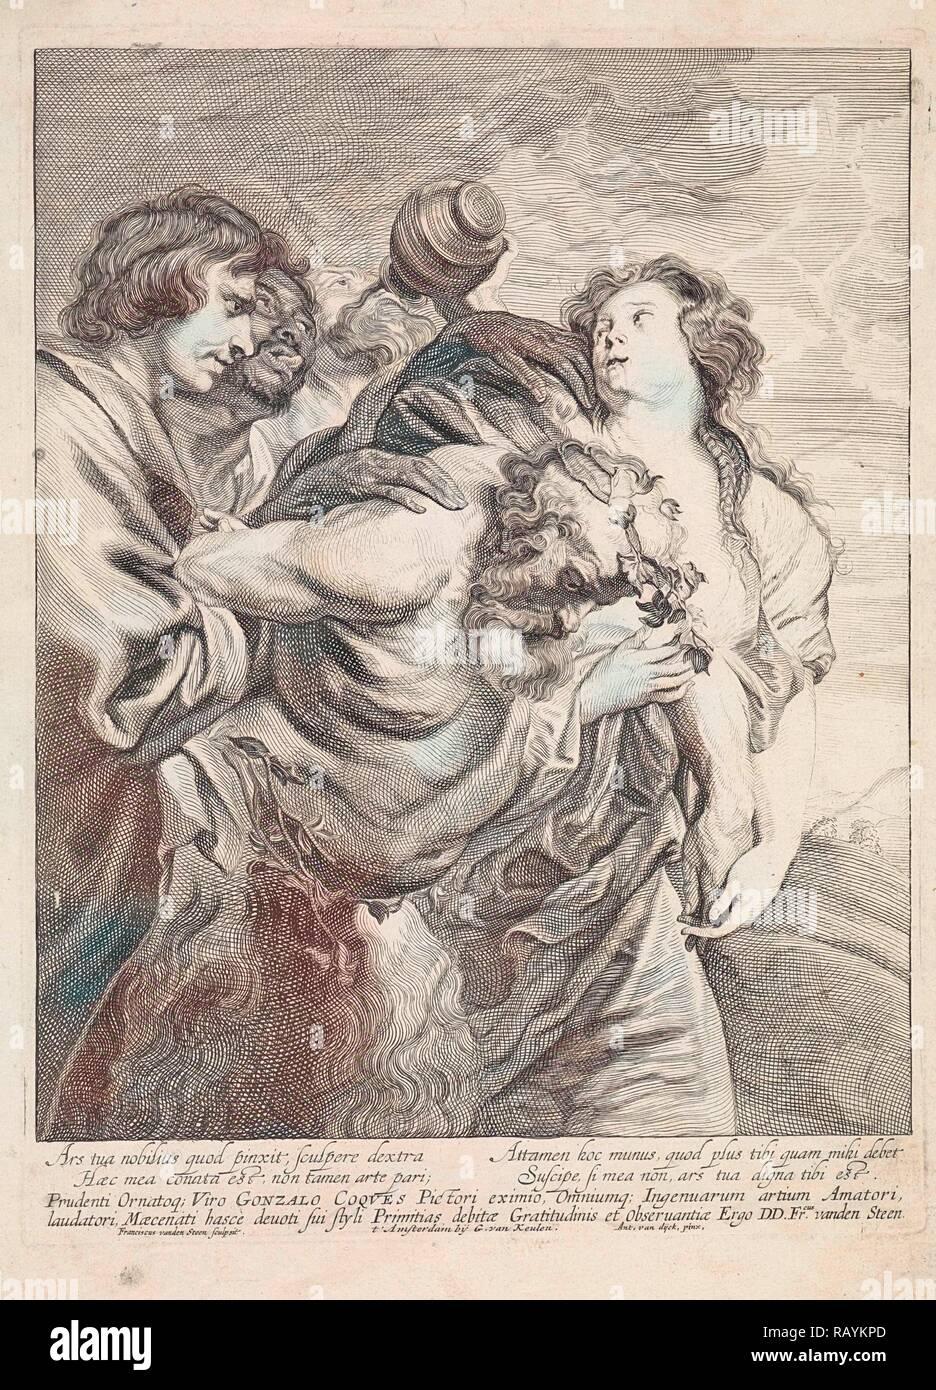 Drunken Silenus supported by Bacchantes, Franciscus van der Steen, Gerard van Keulen, 1643 - 1672. Reimagined Stock Photo